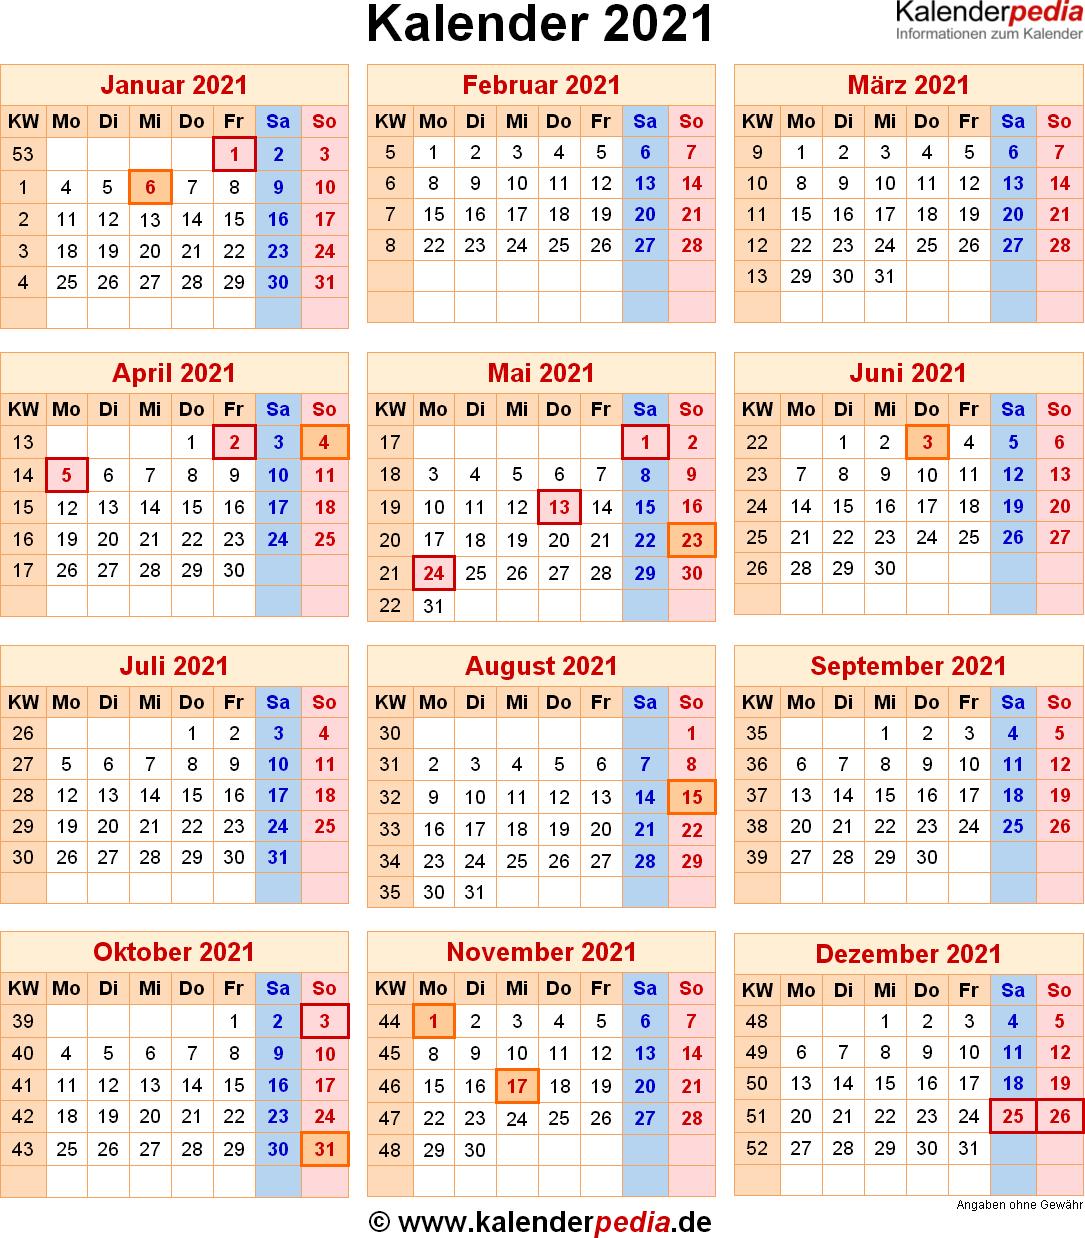 Kalender 2021 österreich Zum Ausdrucken